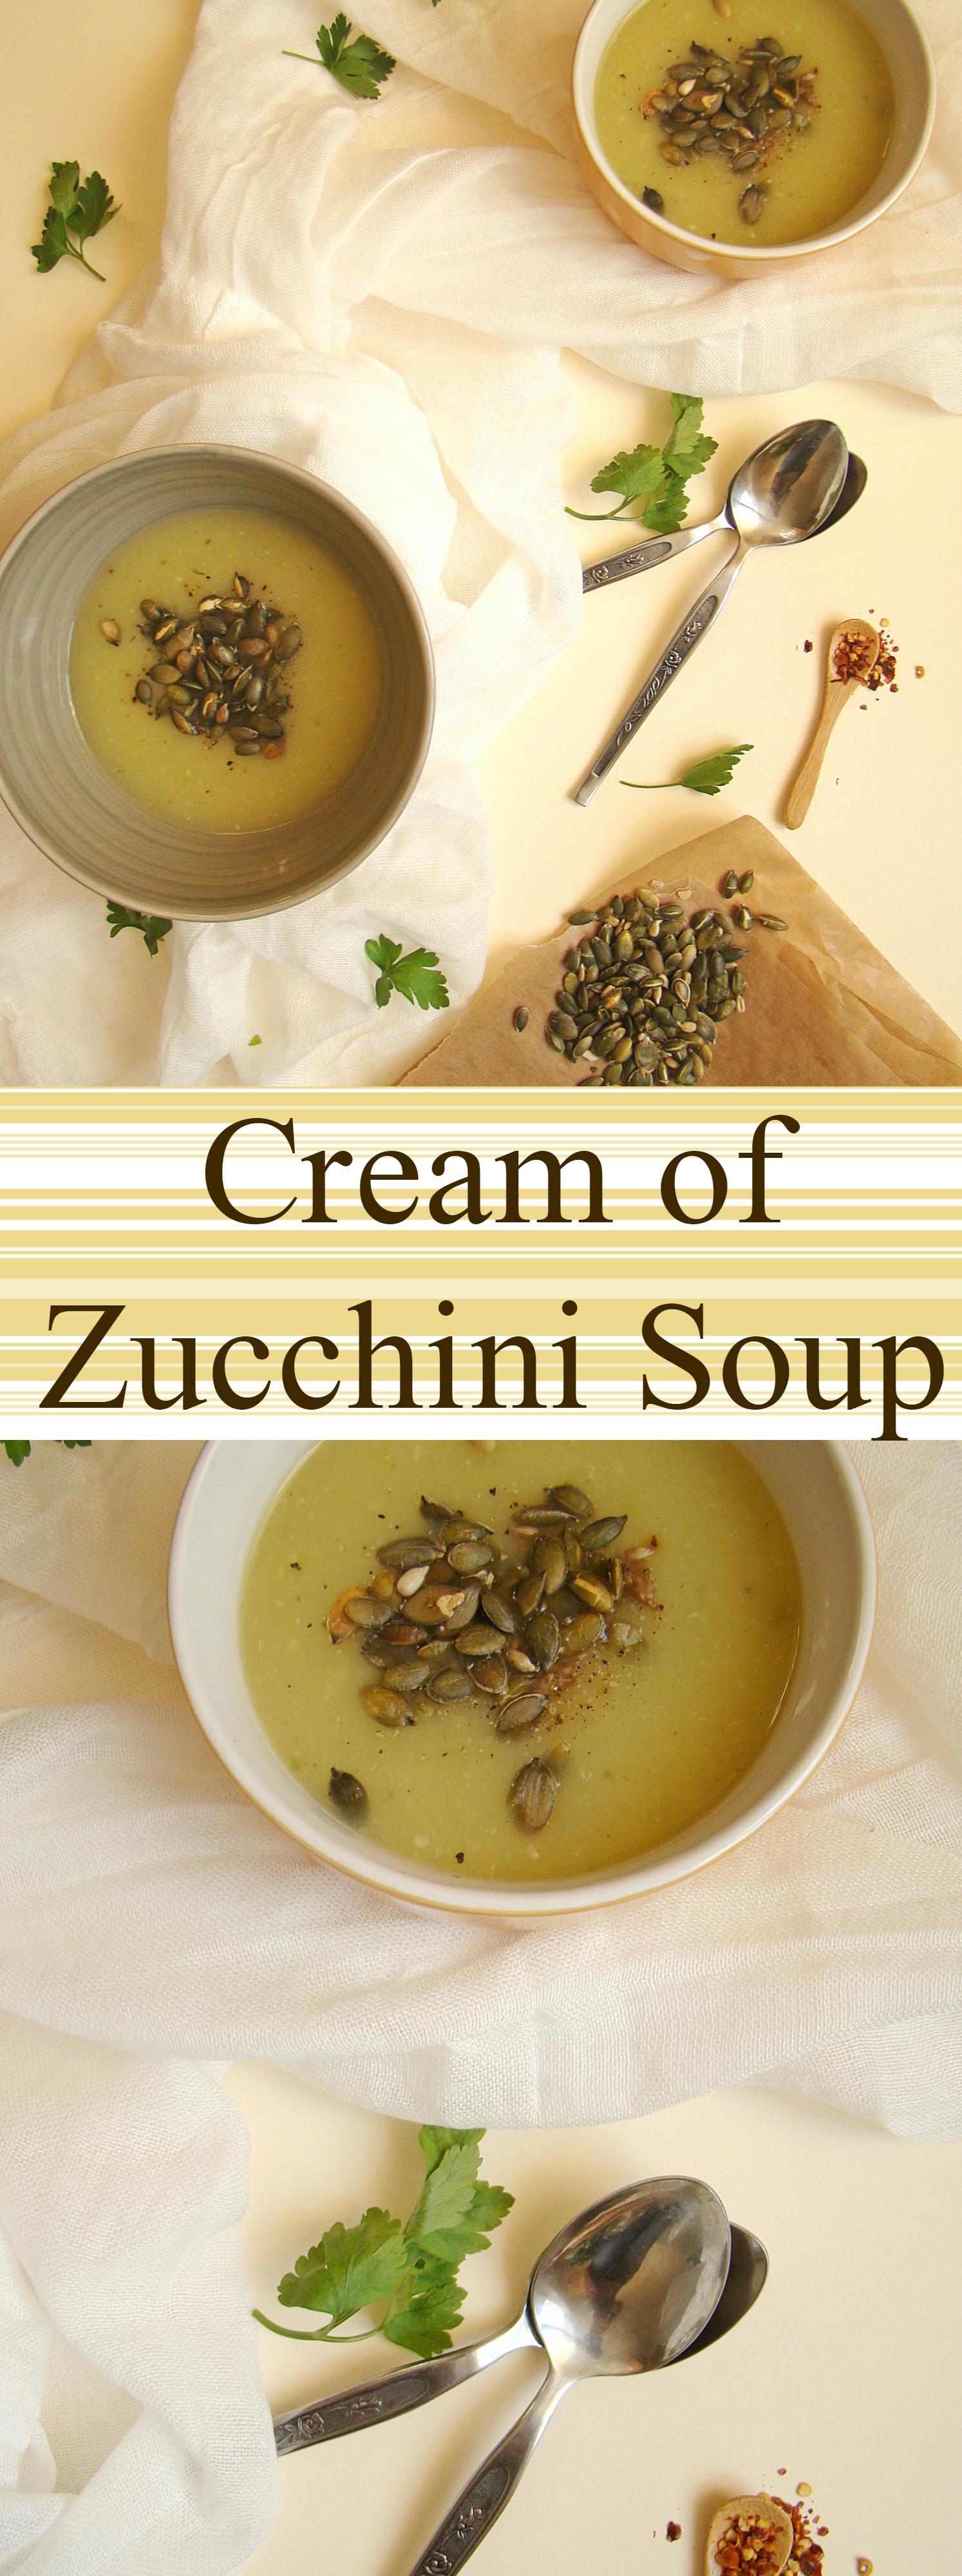 cream-of-zucchini-soup